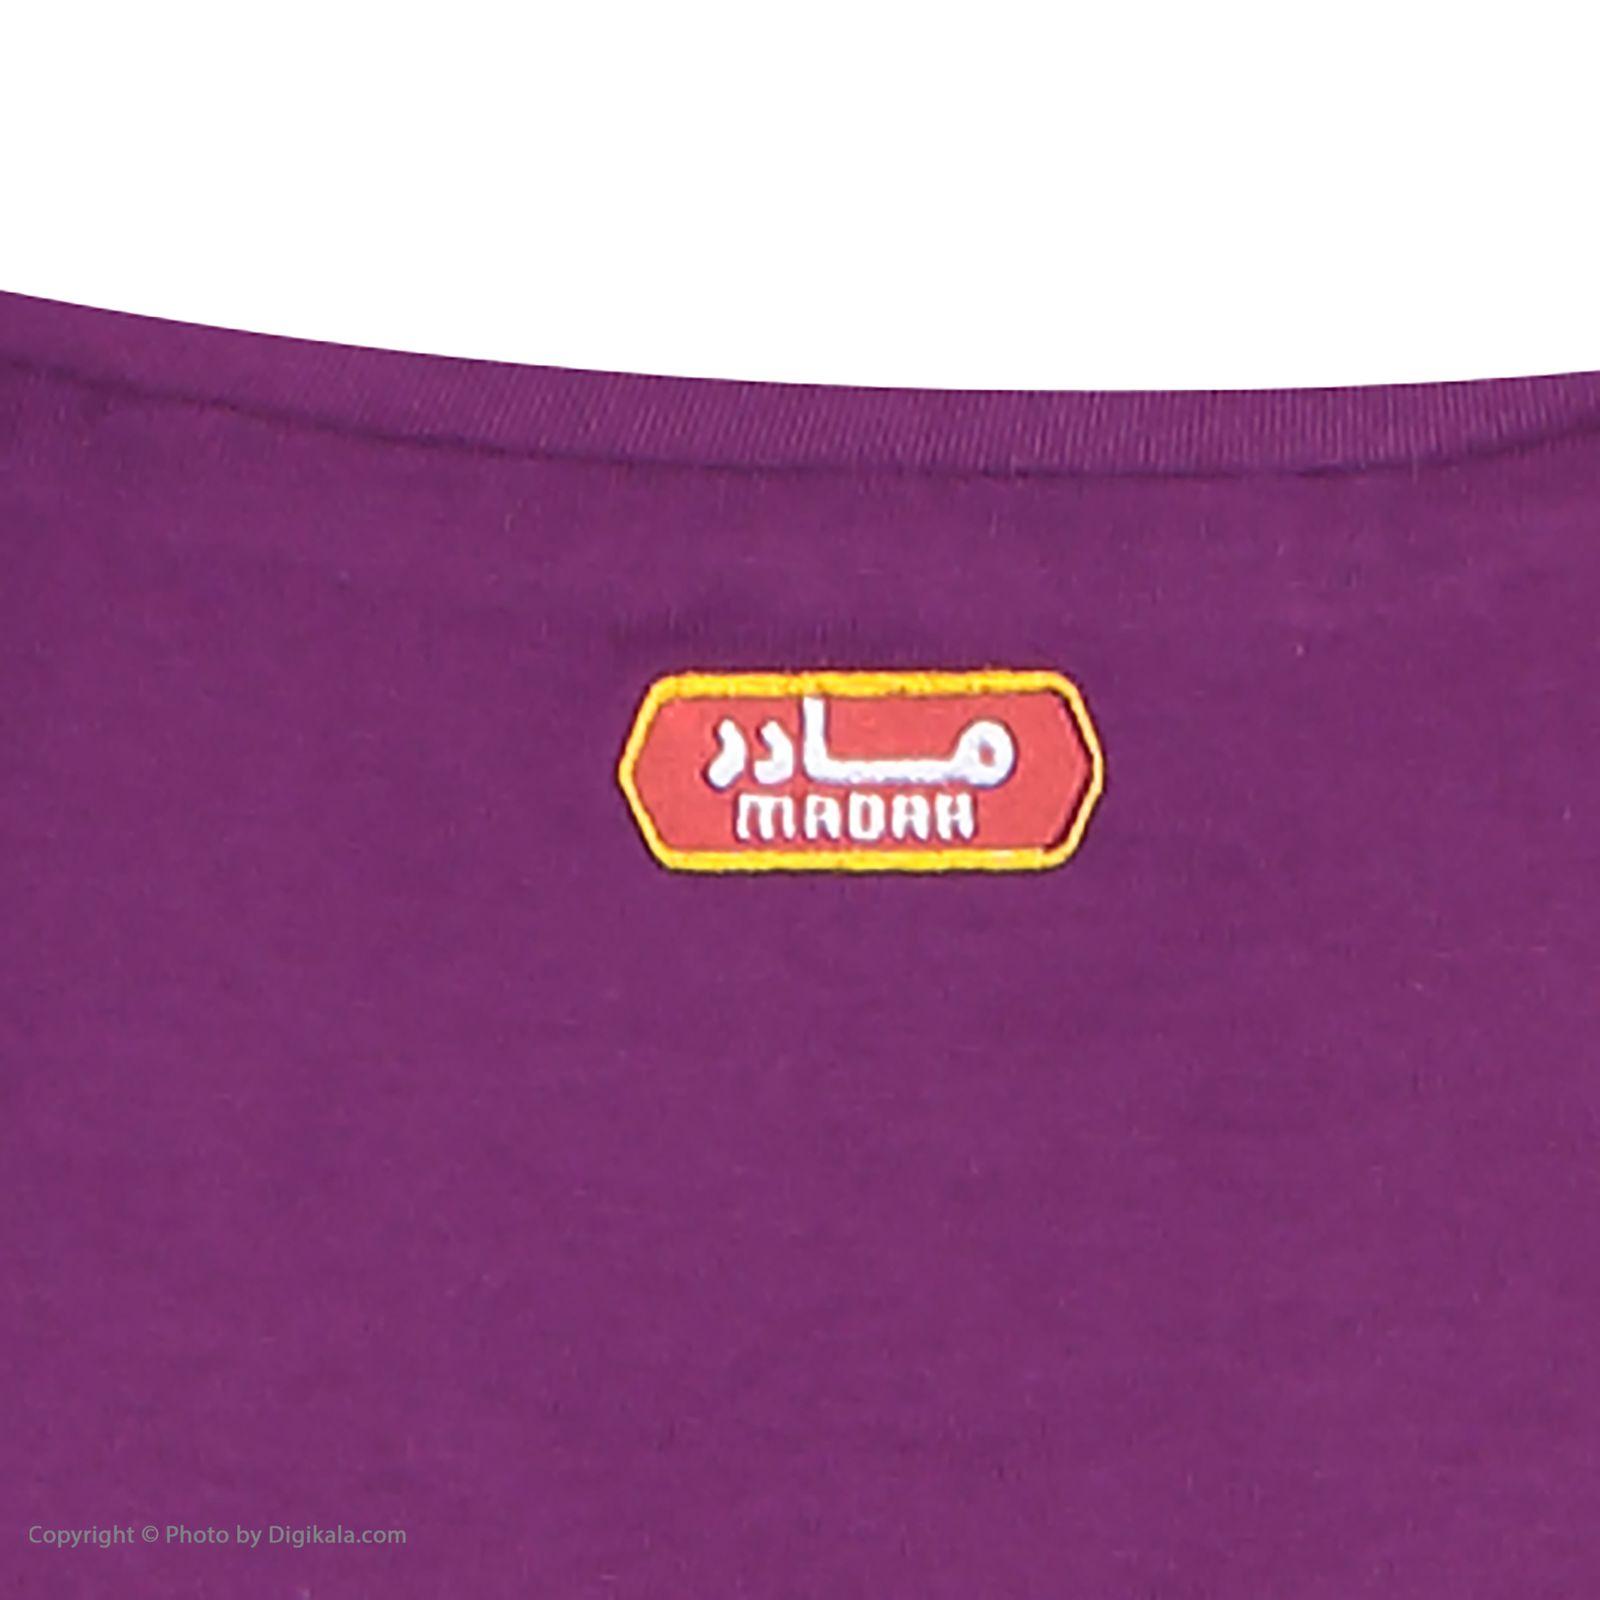 ست تی شرت و شلوار راحتی زنانه مادر مدل 2041104-67 -  - 12